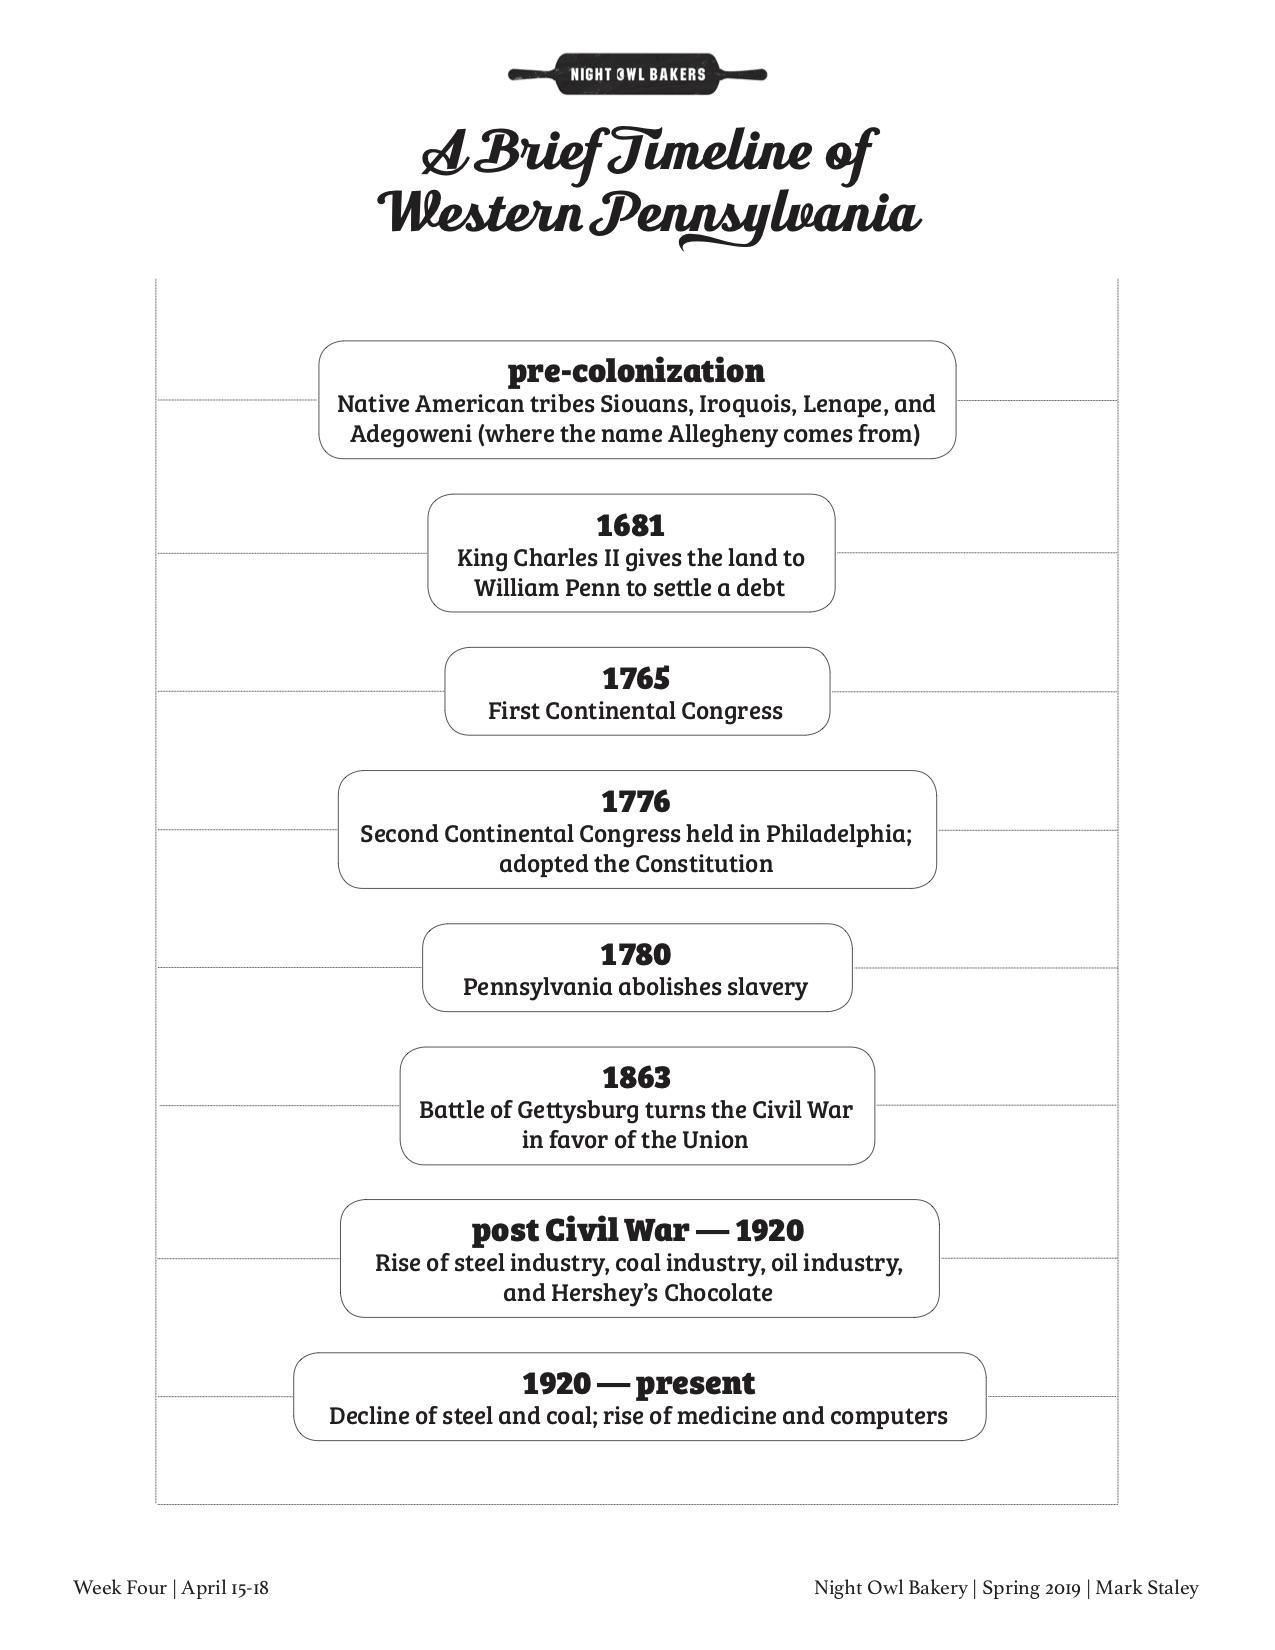 PA timeline copy.jpg